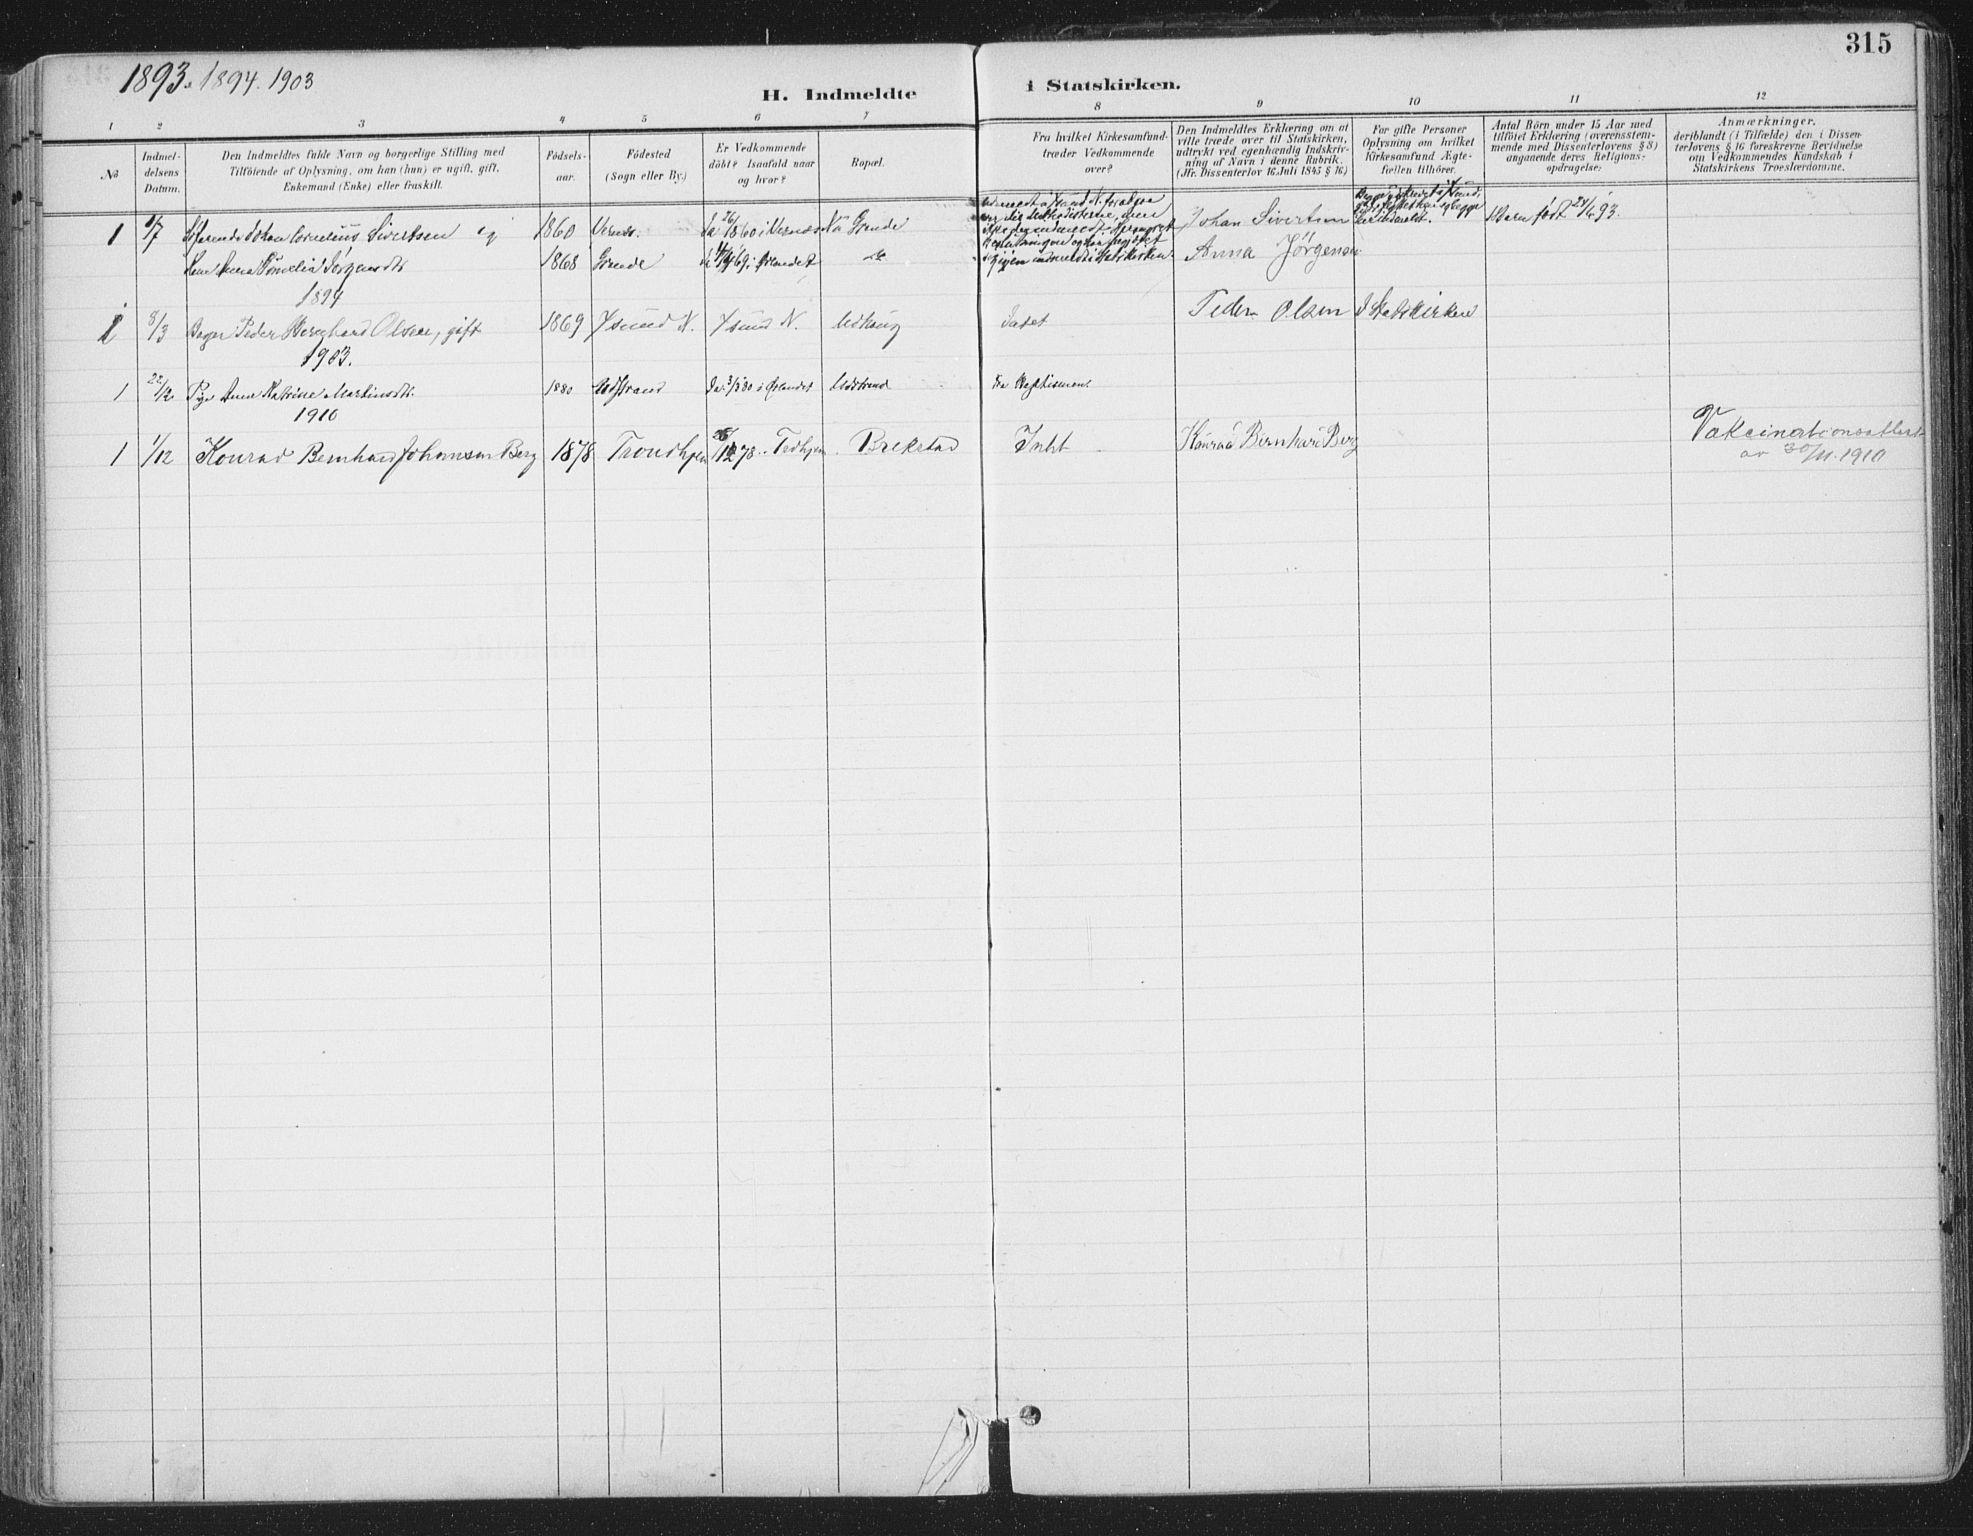 SAT, Ministerialprotokoller, klokkerbøker og fødselsregistre - Sør-Trøndelag, 659/L0743: Ministerialbok nr. 659A13, 1893-1910, s. 315